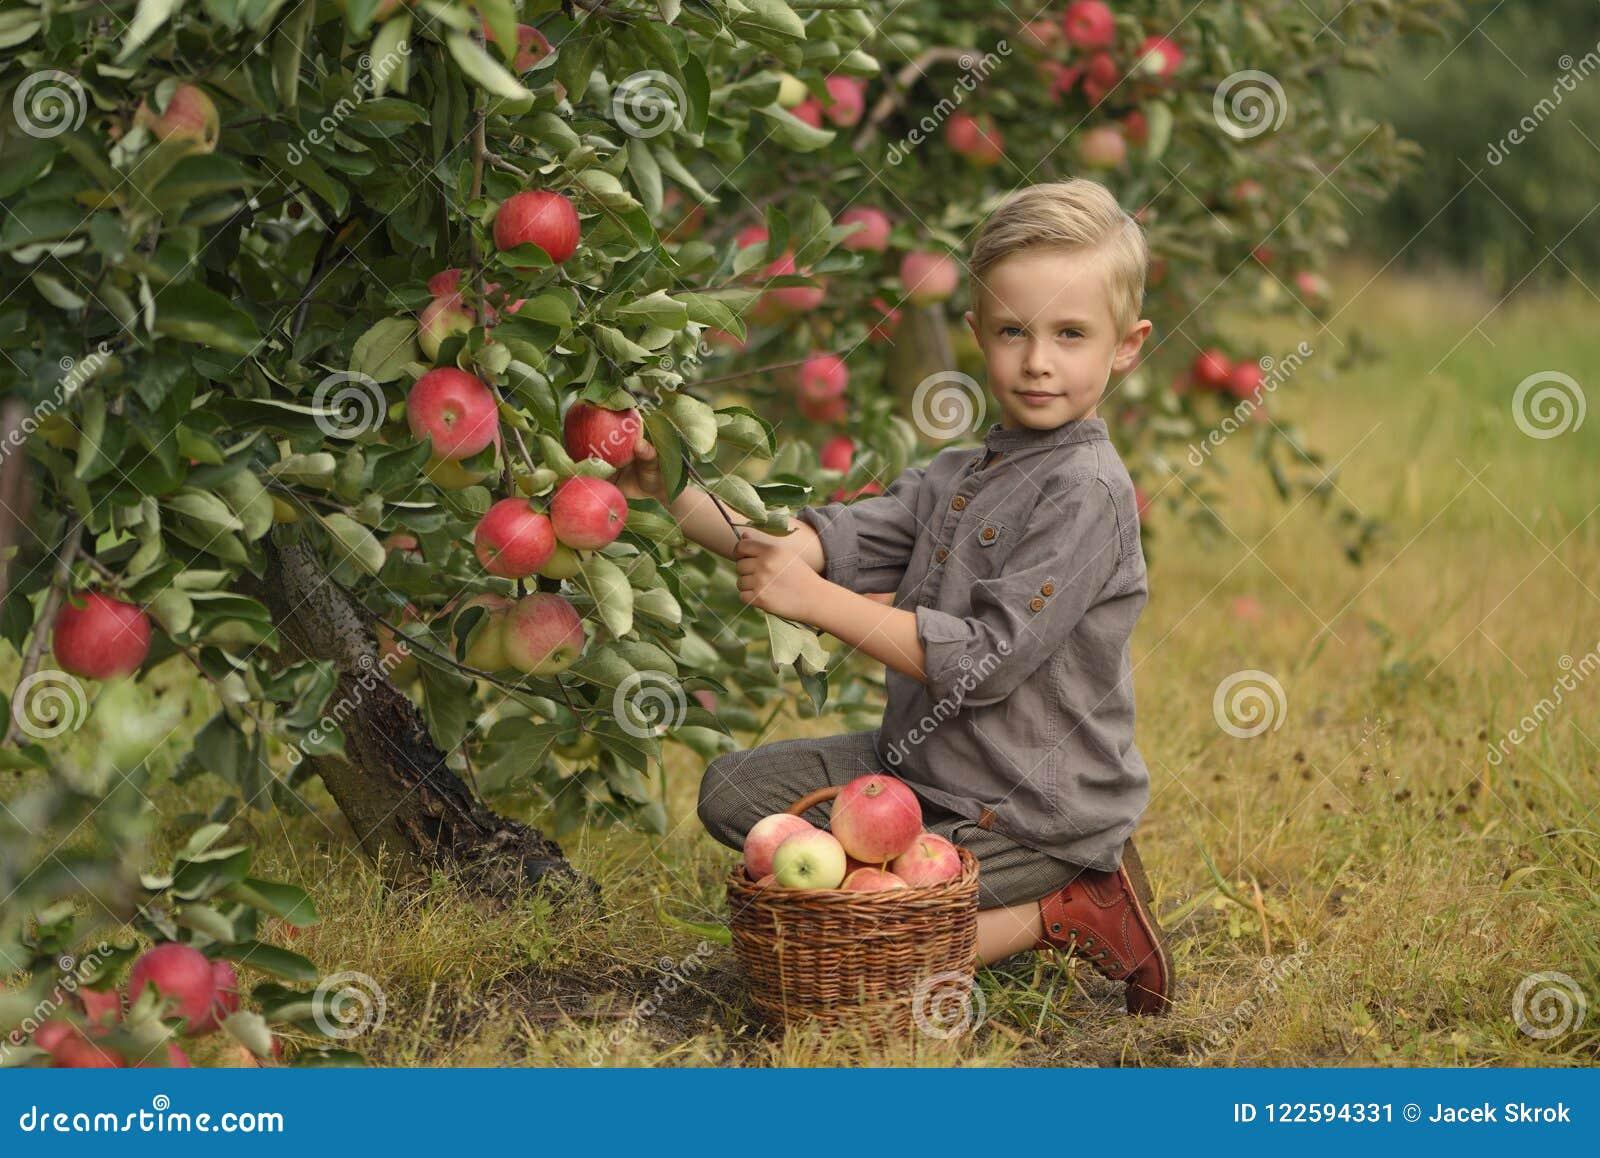 Ein netter, lächelnder Junge wählt Äpfel in einem Apfelgarten aus und hält einen Apfel